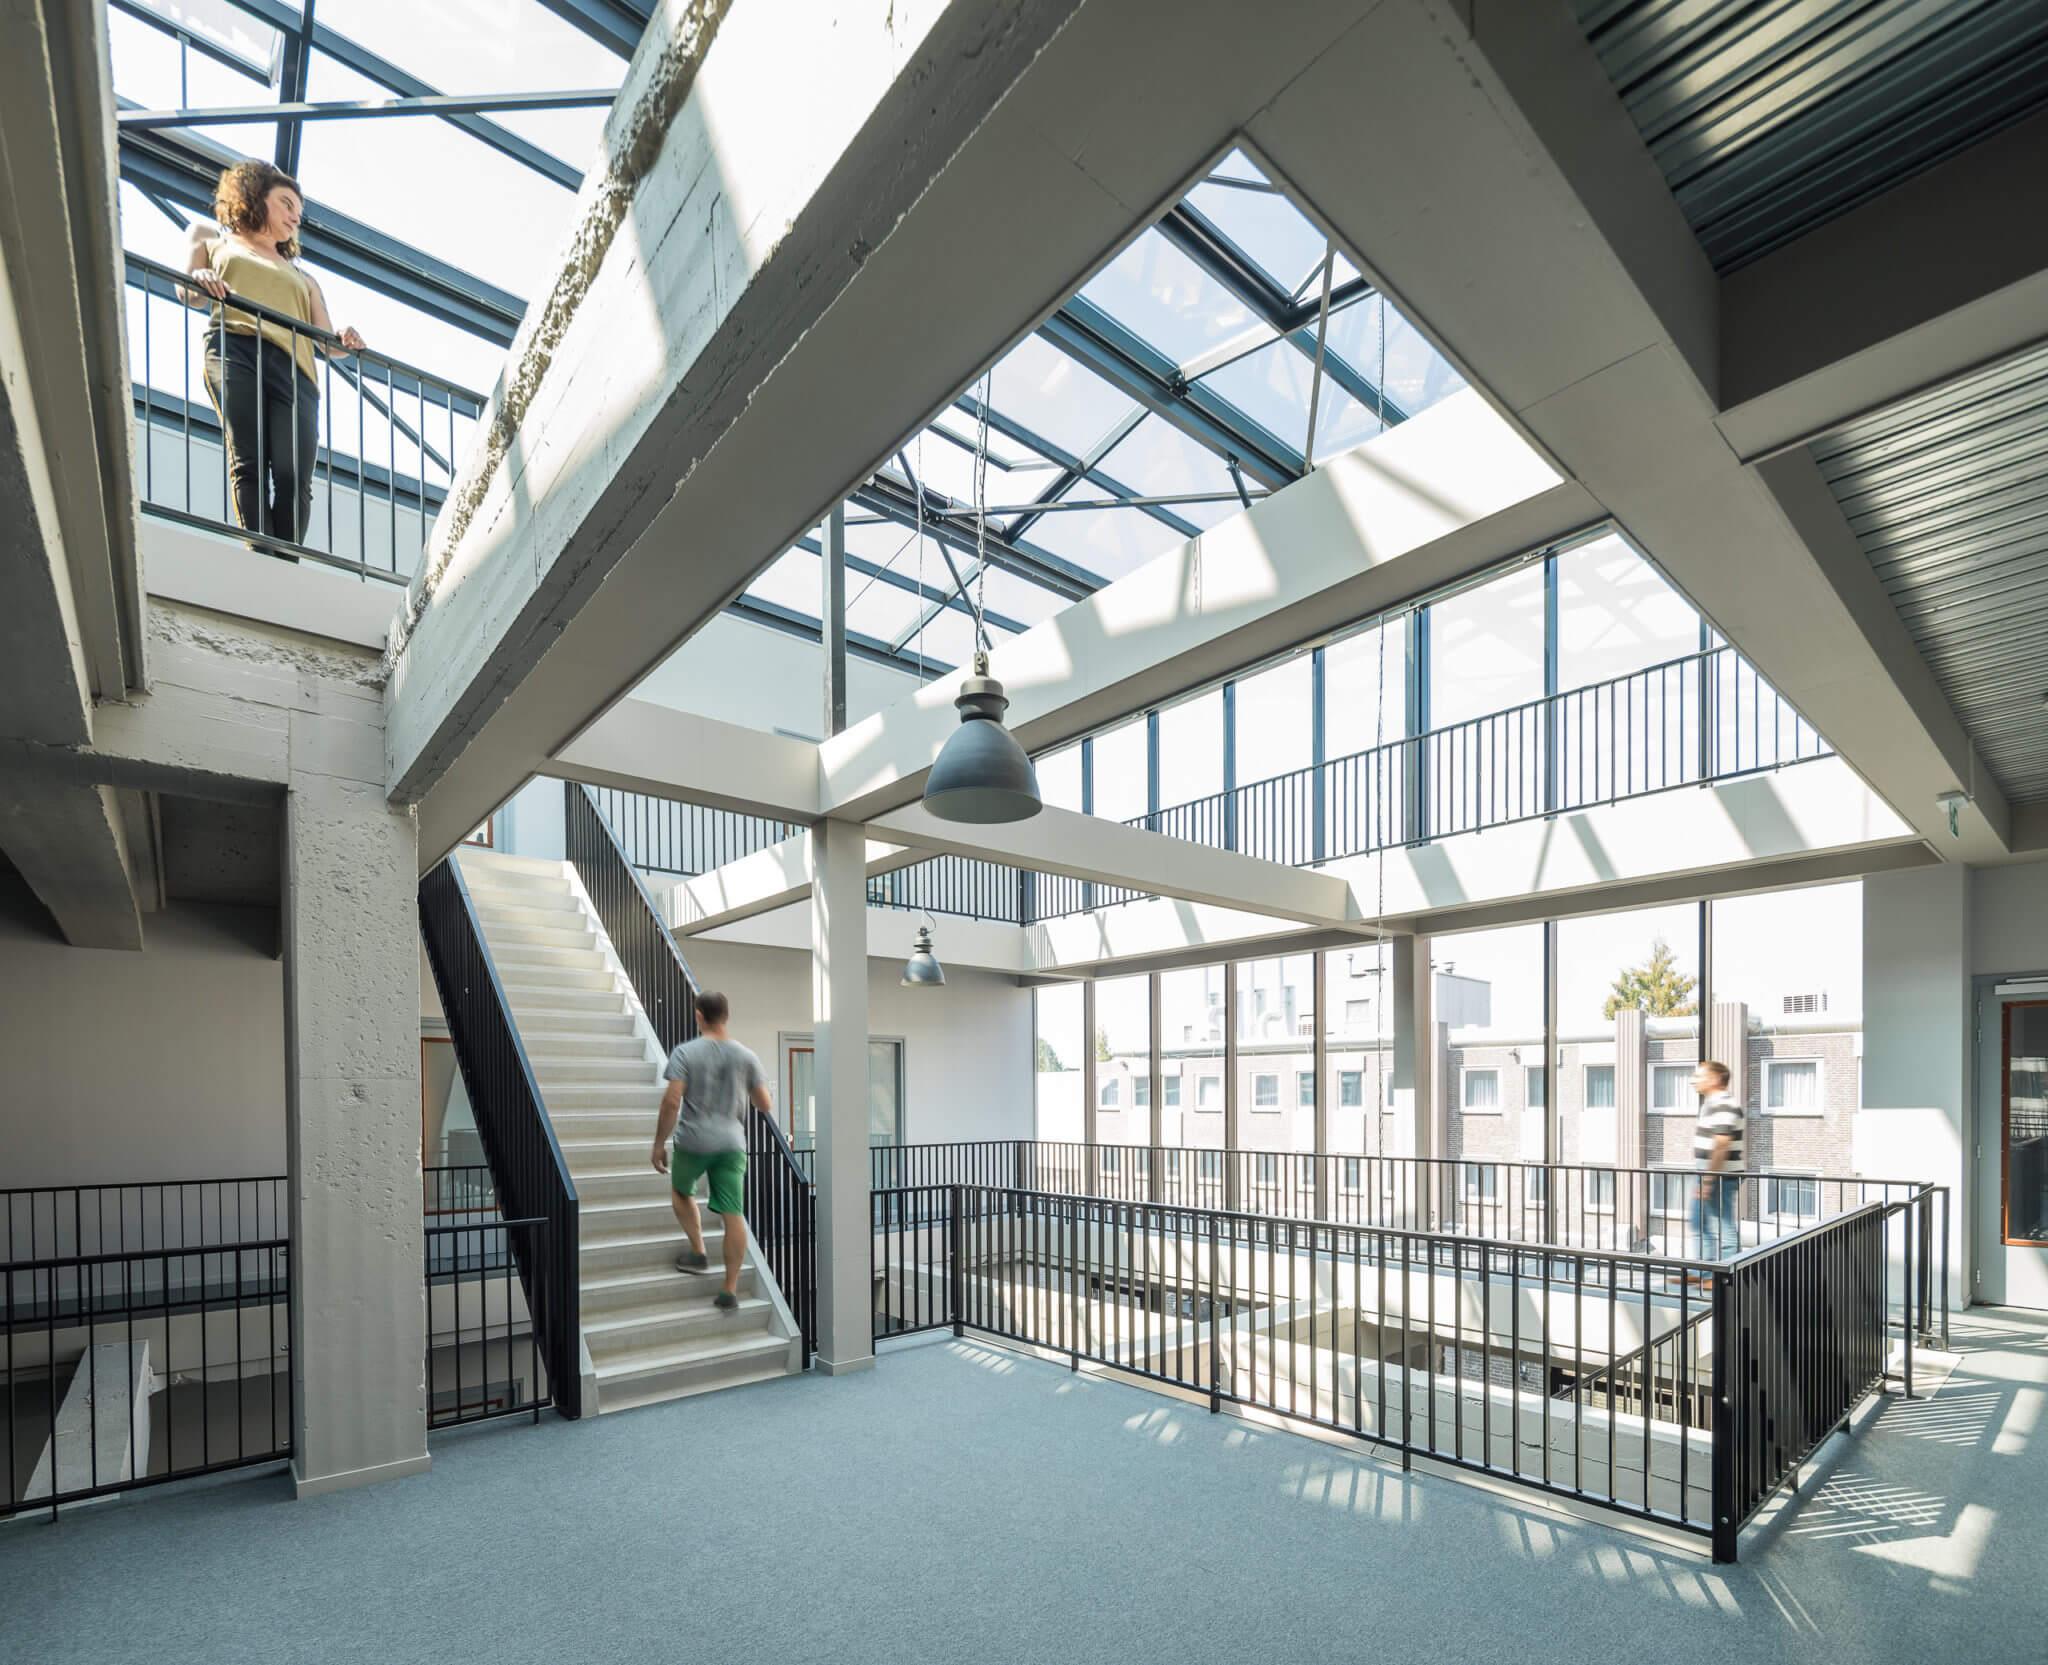 Weert transformatie herbestemming drukkerij Smeets Pierre Weegels Stationsstraat steendrukkerij Lichtenberg optopping loft loftappartementen Fatimahuis